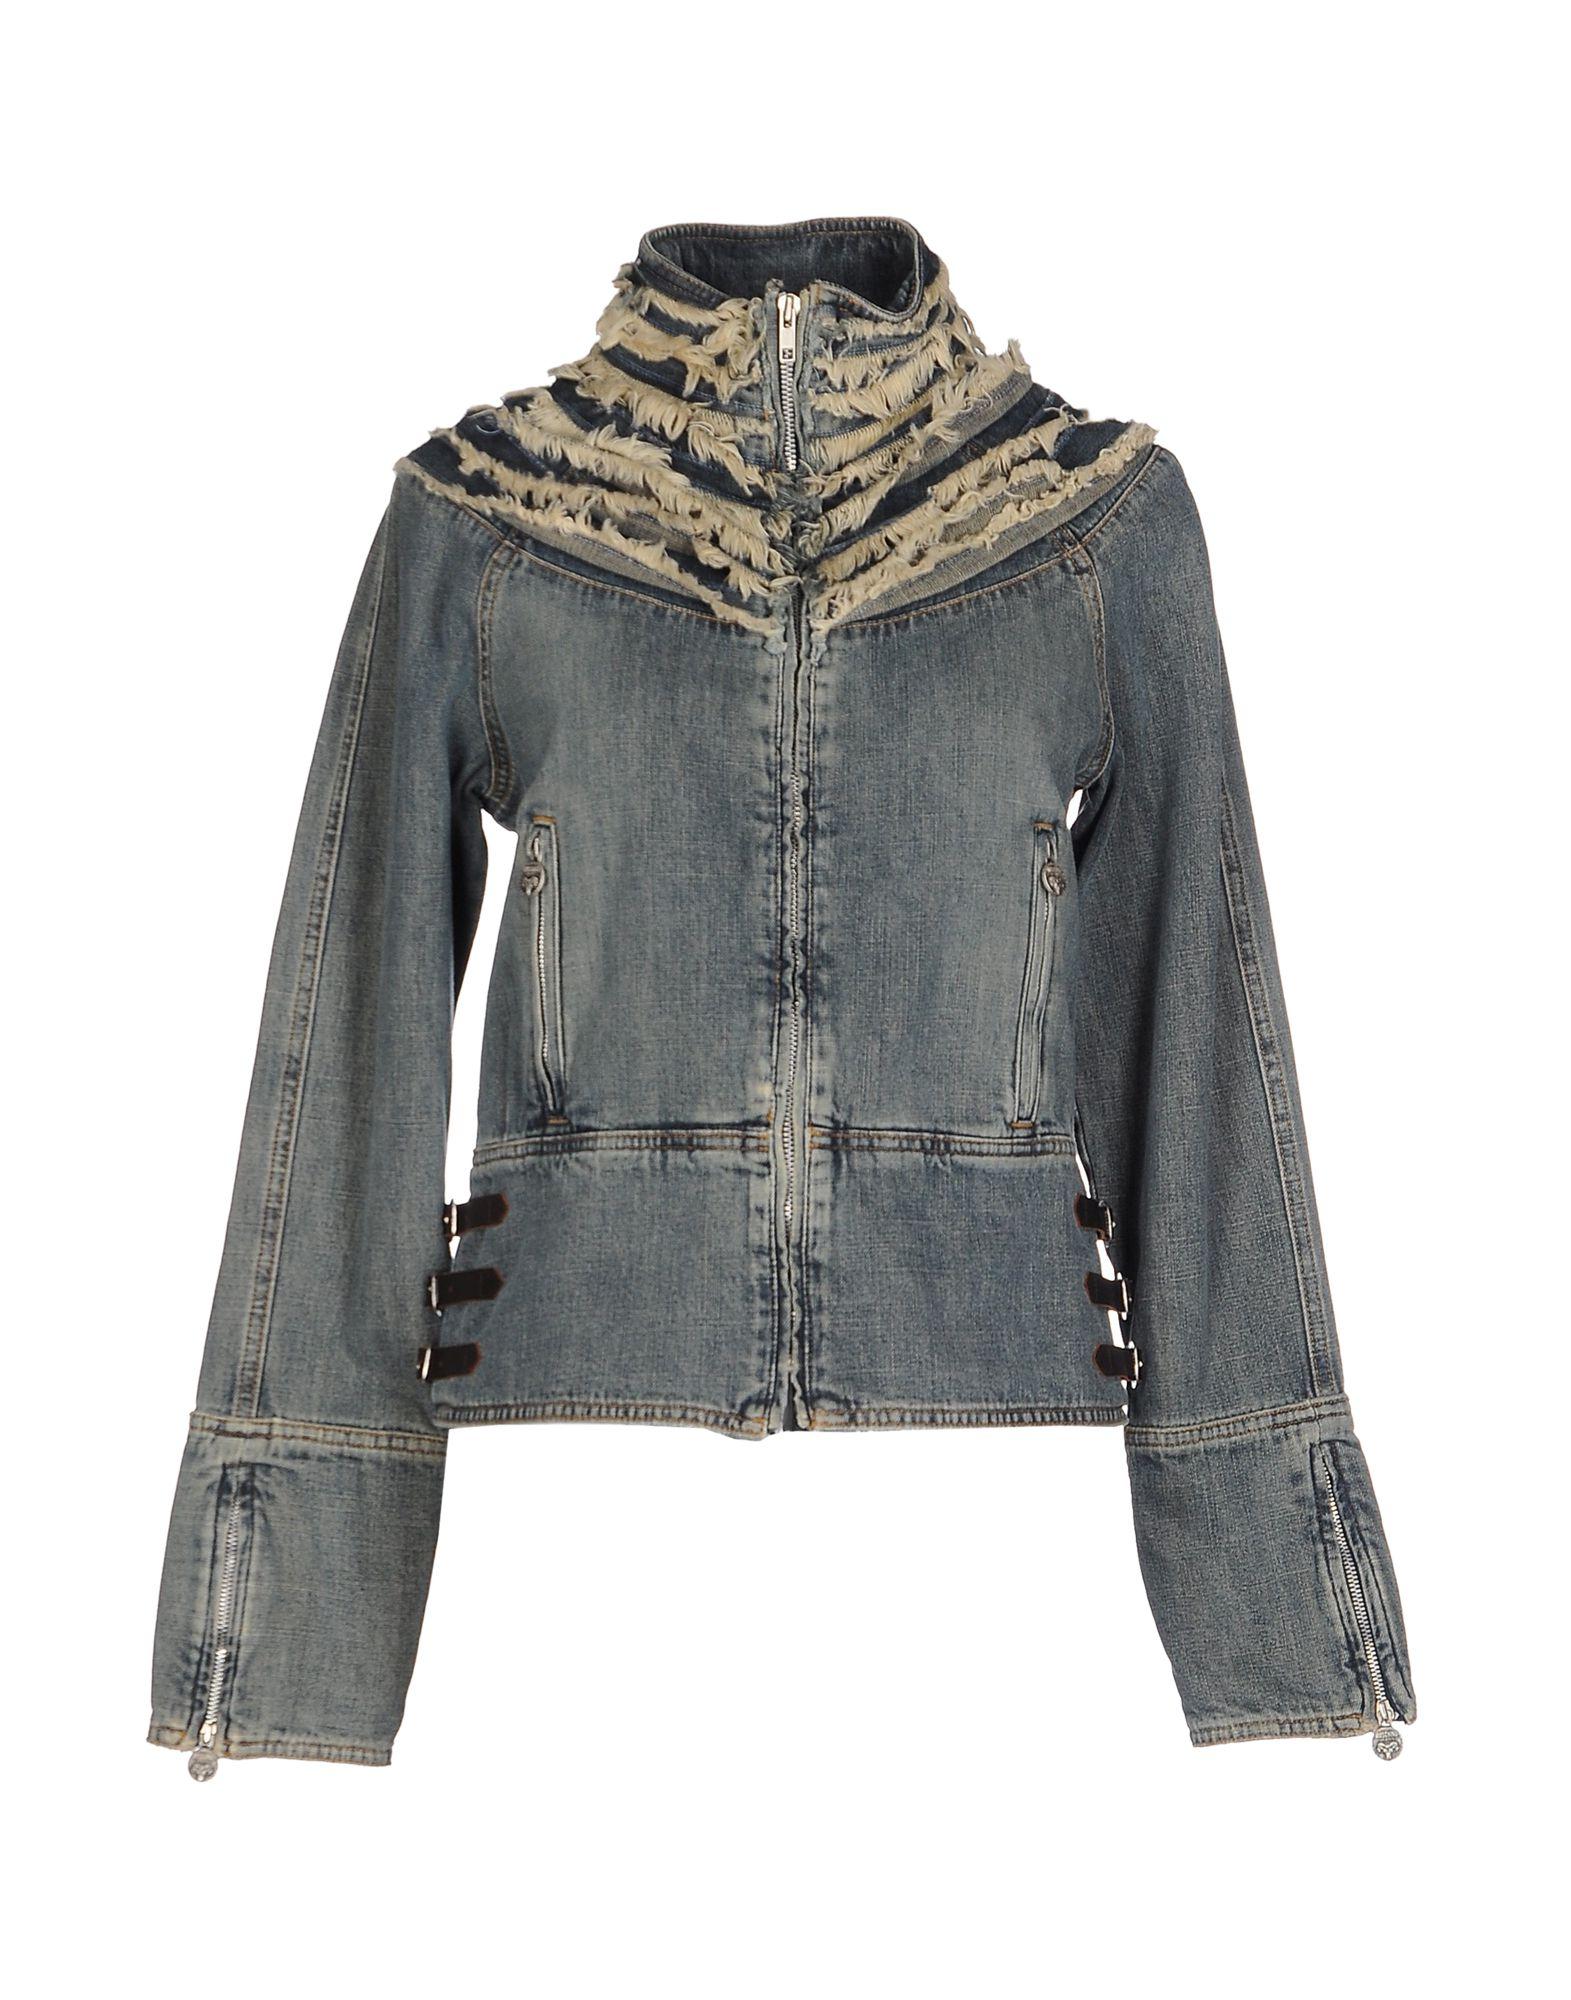 MOSCHINO JEANS Denim outerwear